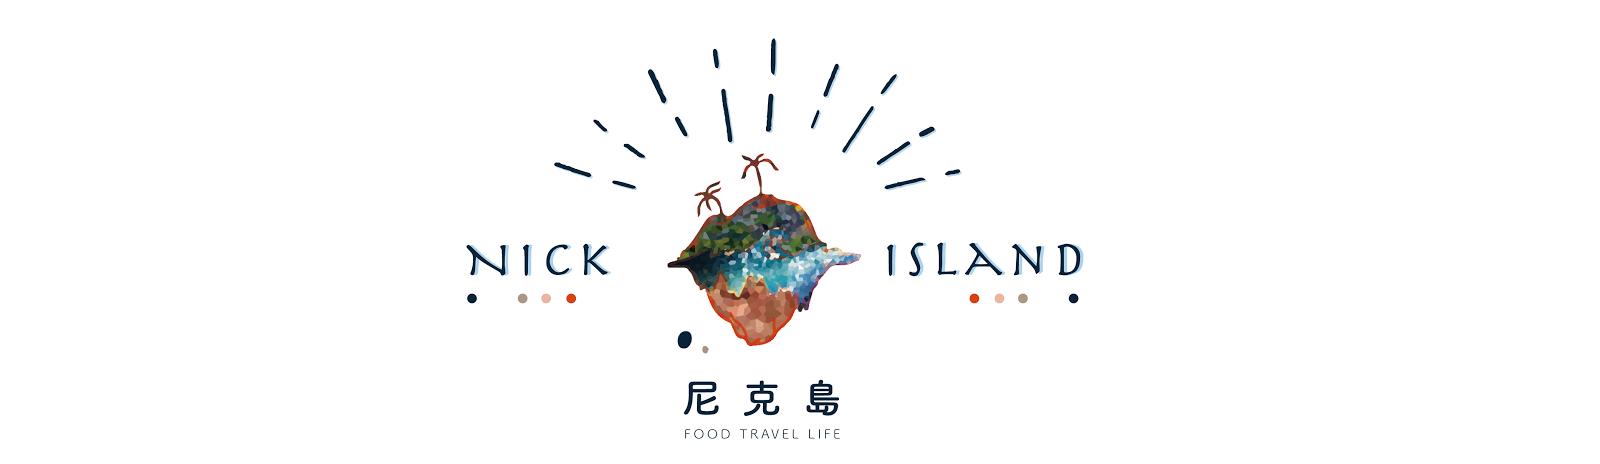 尼克島 Nick Island 美食生活旅遊頻道